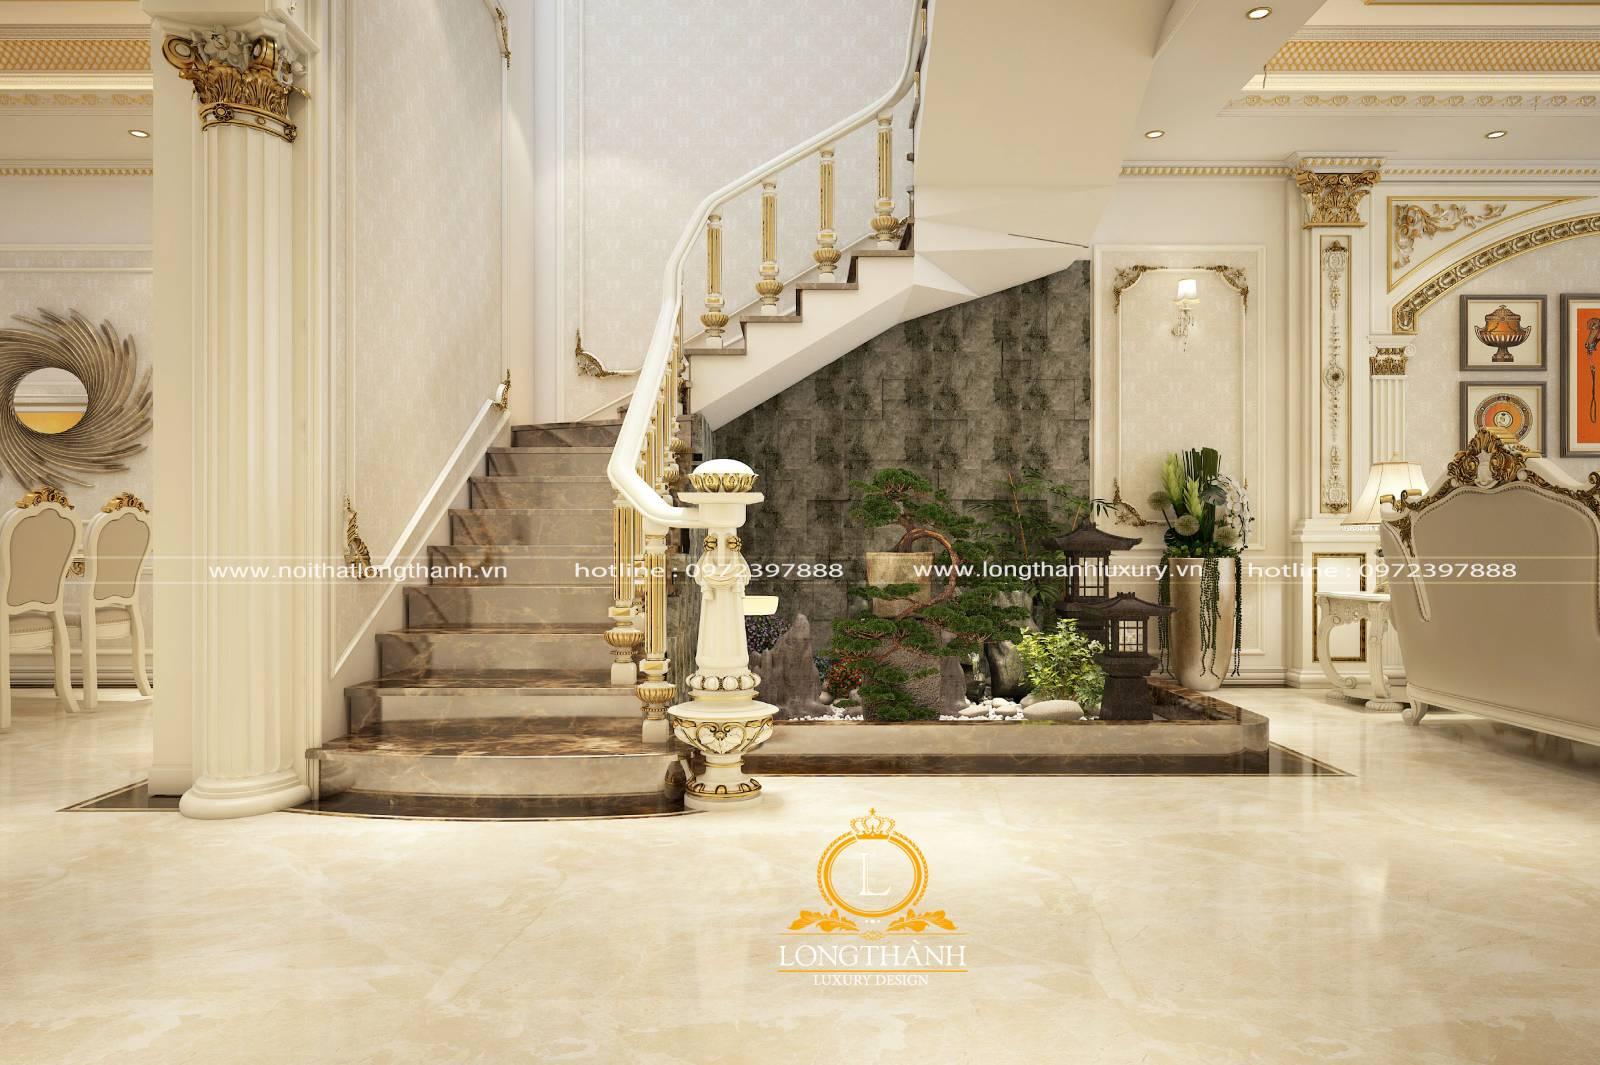 Cầu thang thời hiện đại không chỉ là để đi lại mà còn dùng để trang trí